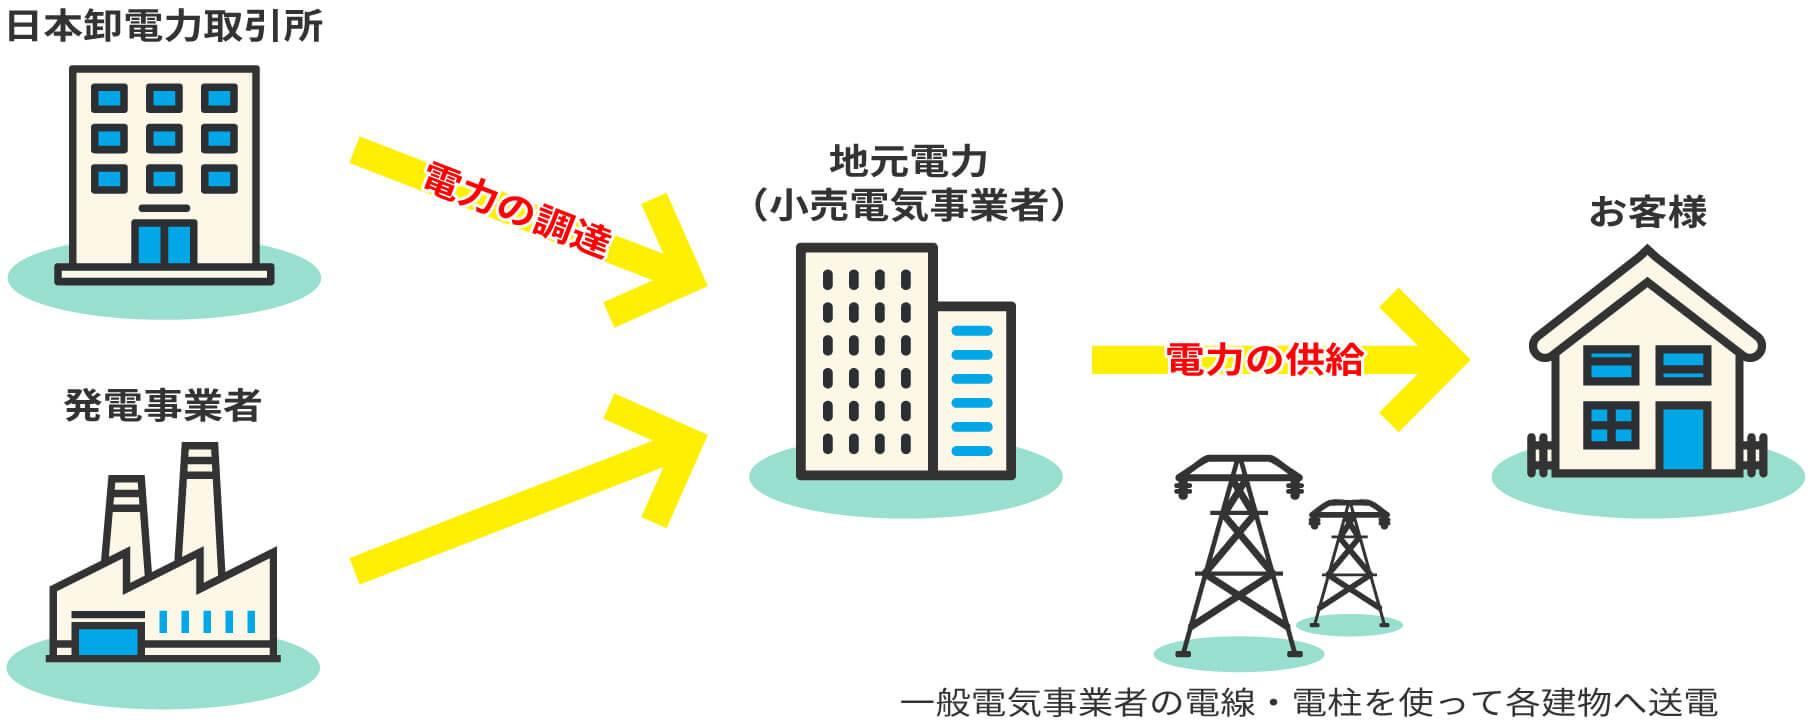 電力調達から電力供給までの流れ